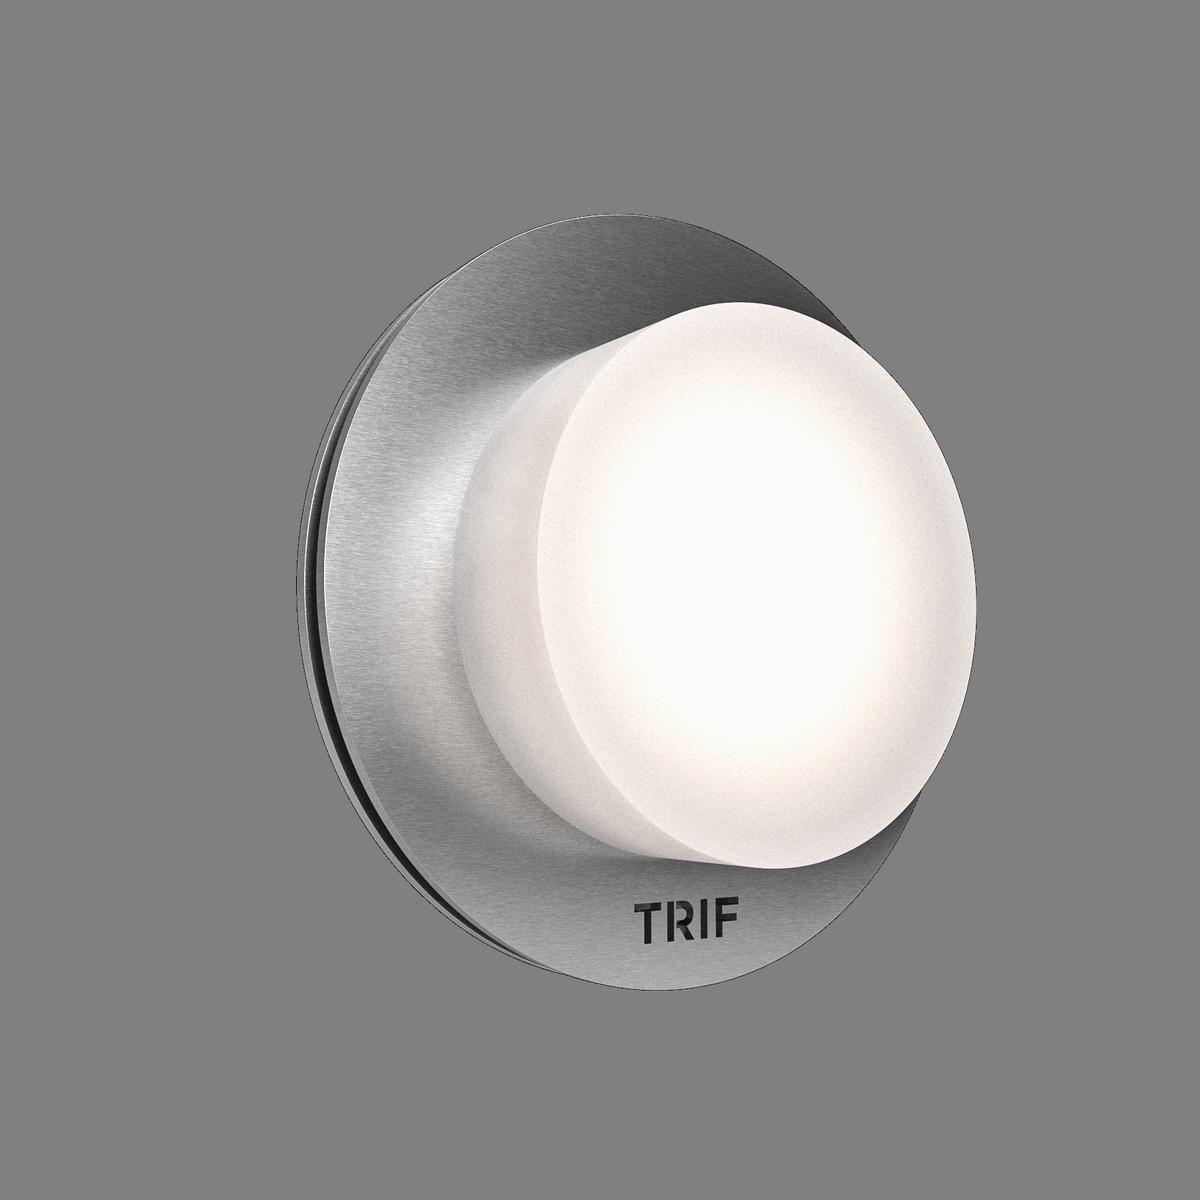 светильник TRIF  ROOF ROUND для наружного и для внутреннего освещения